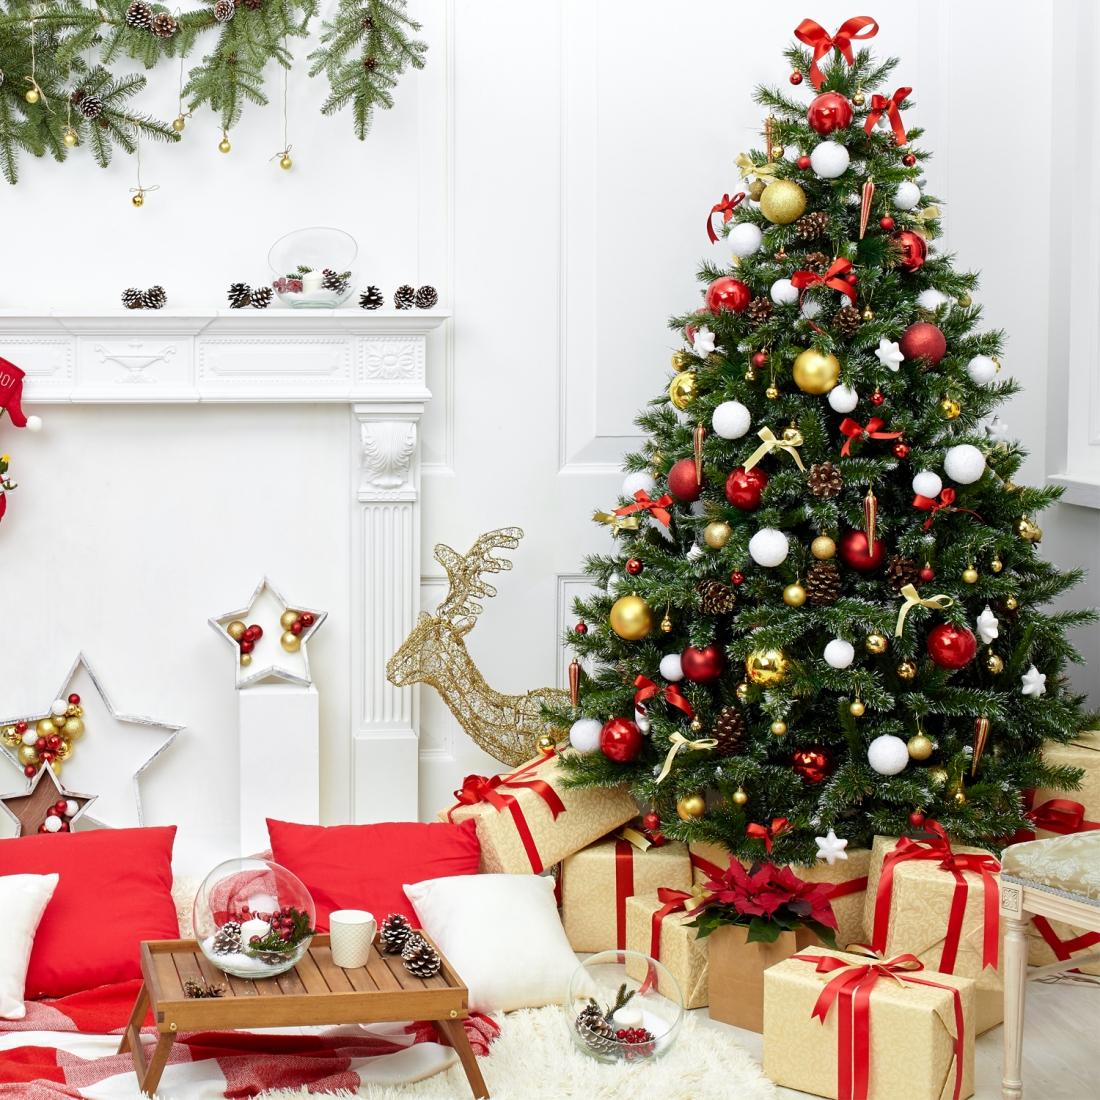 Alberi Di Natale Foto Addobbati.Stili Per Addobbare L Albero Di Natale